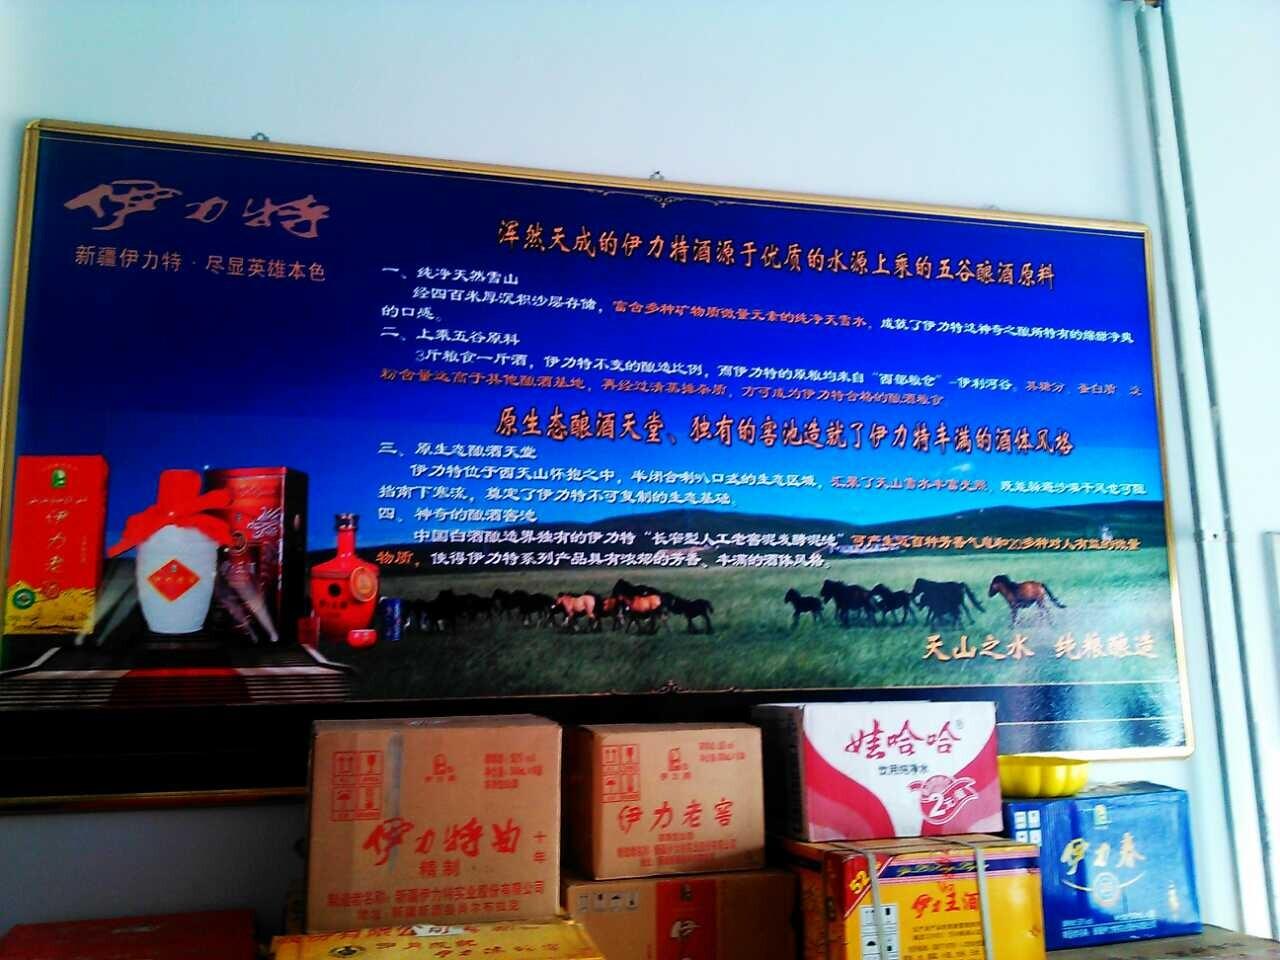 万博manbetx官网苹果张家口尉县加盟商店内展示